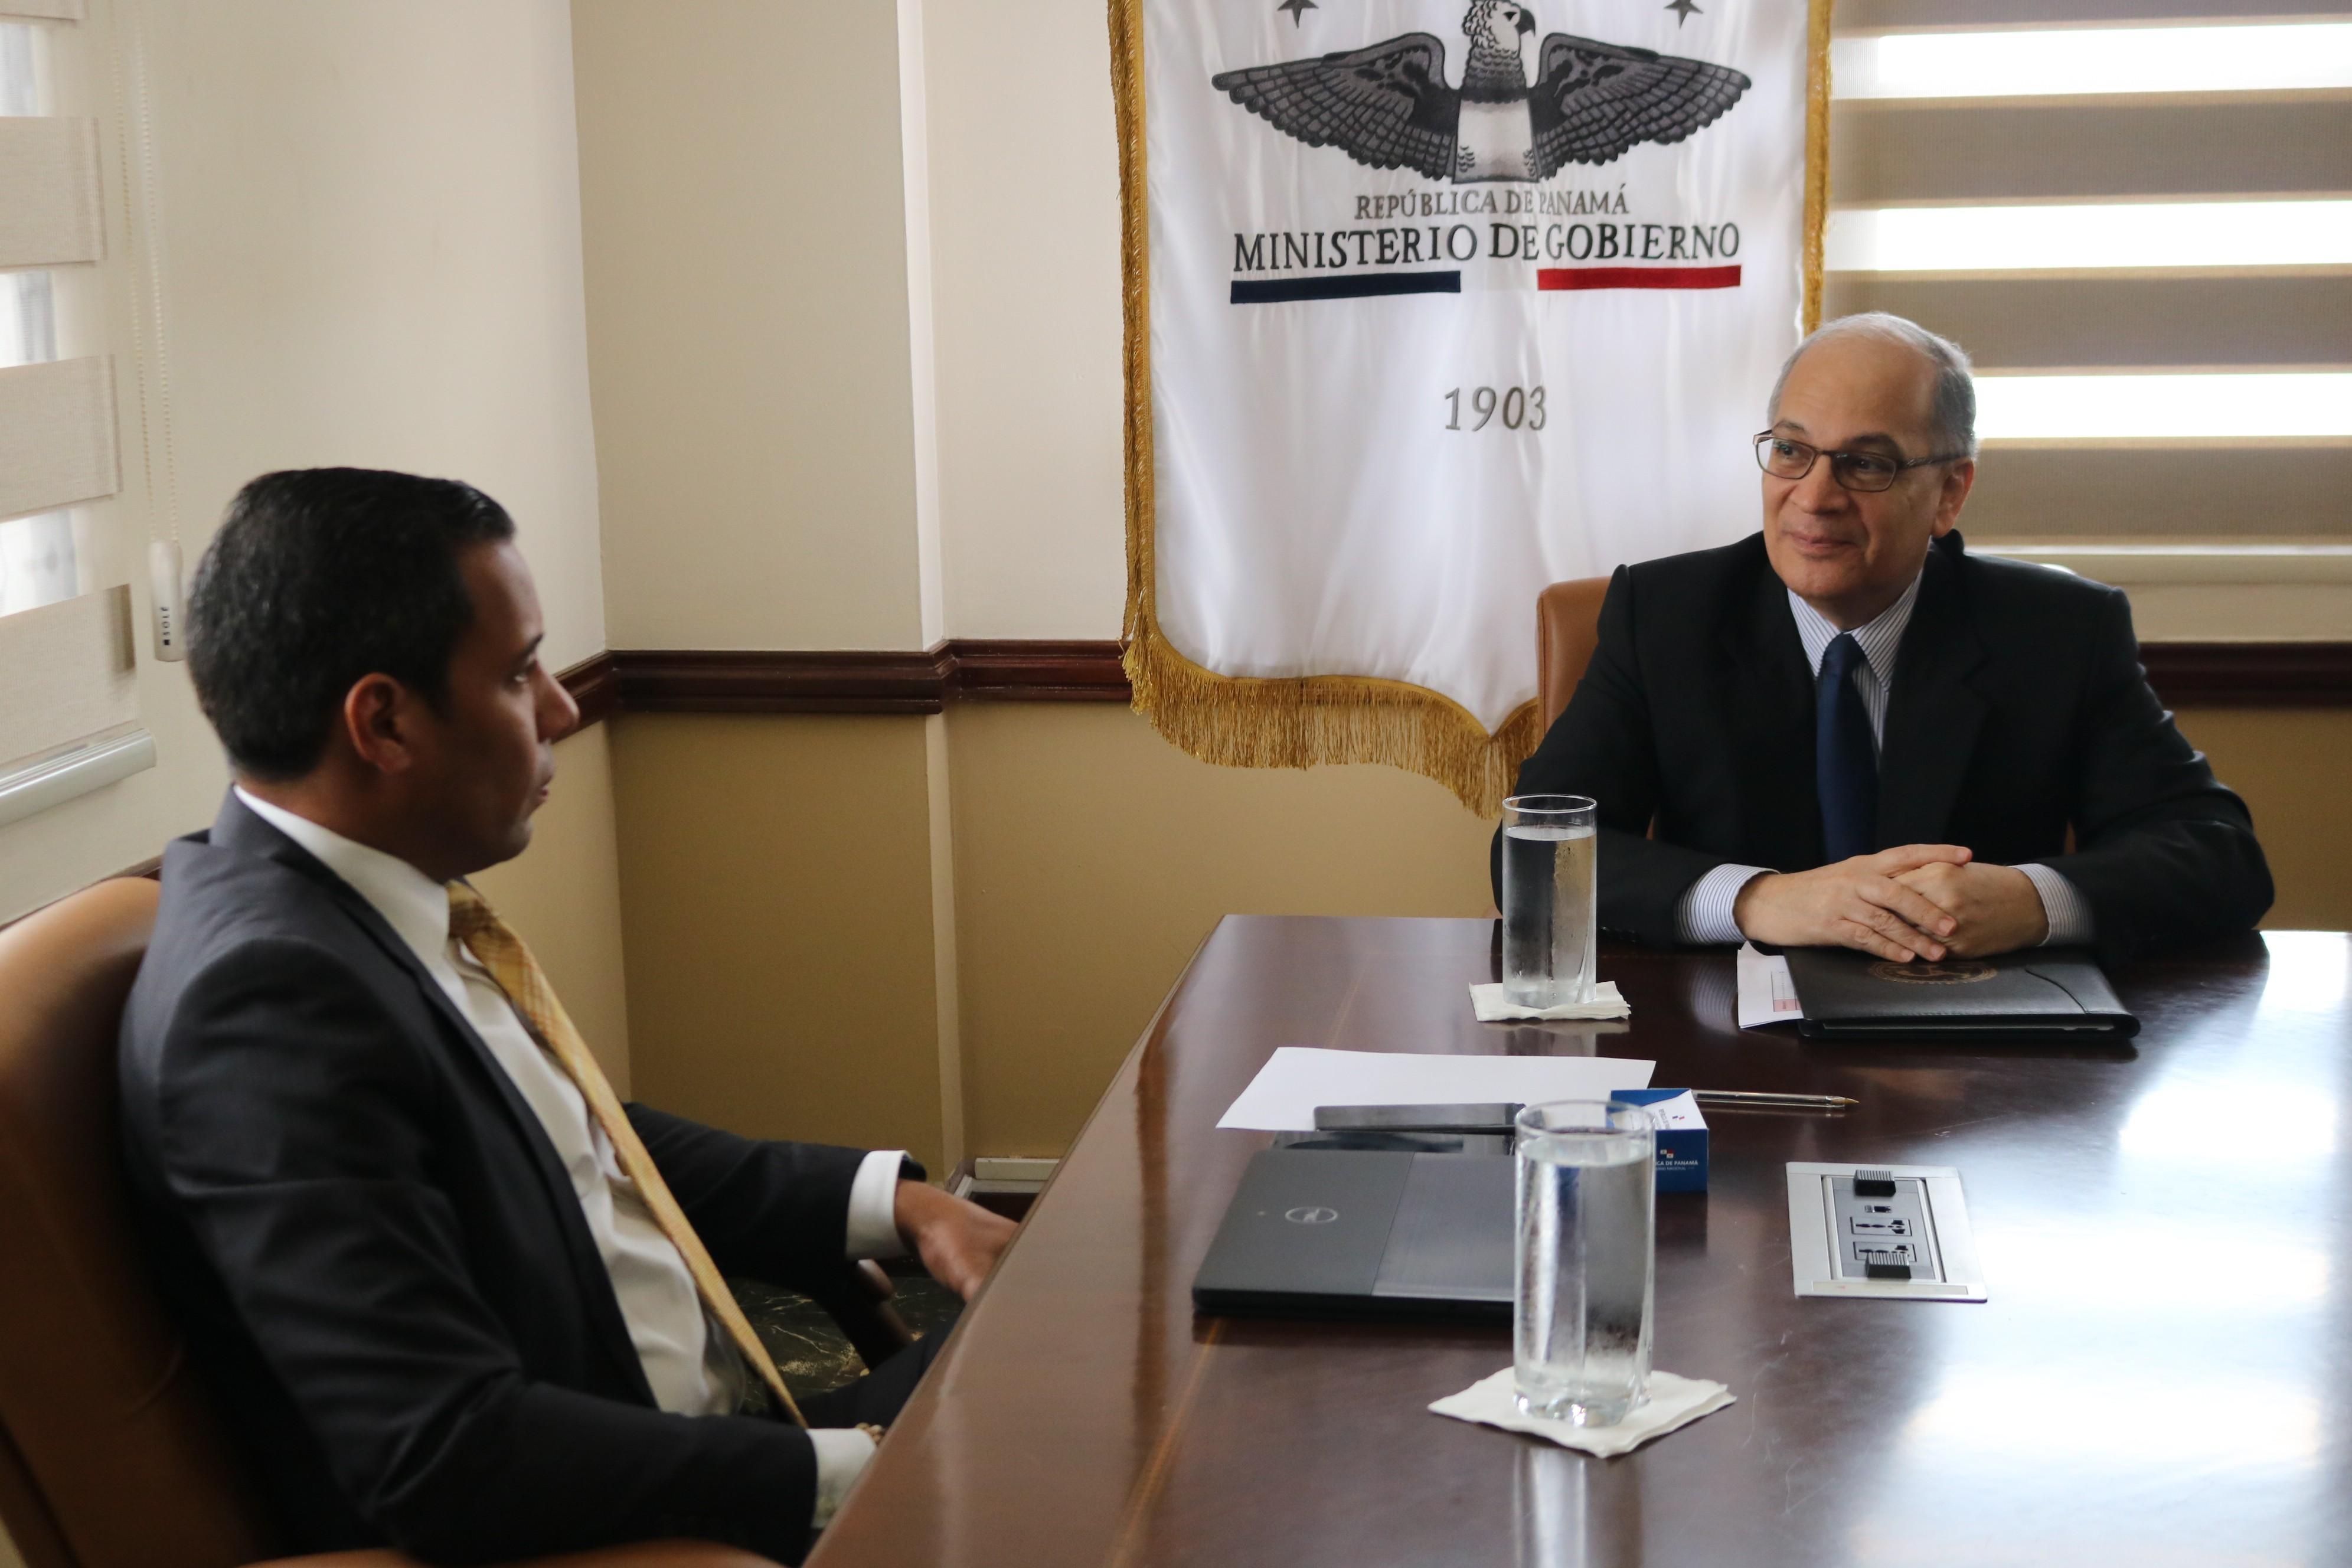 Reunión de trabajo con el Ministro de Gobierno